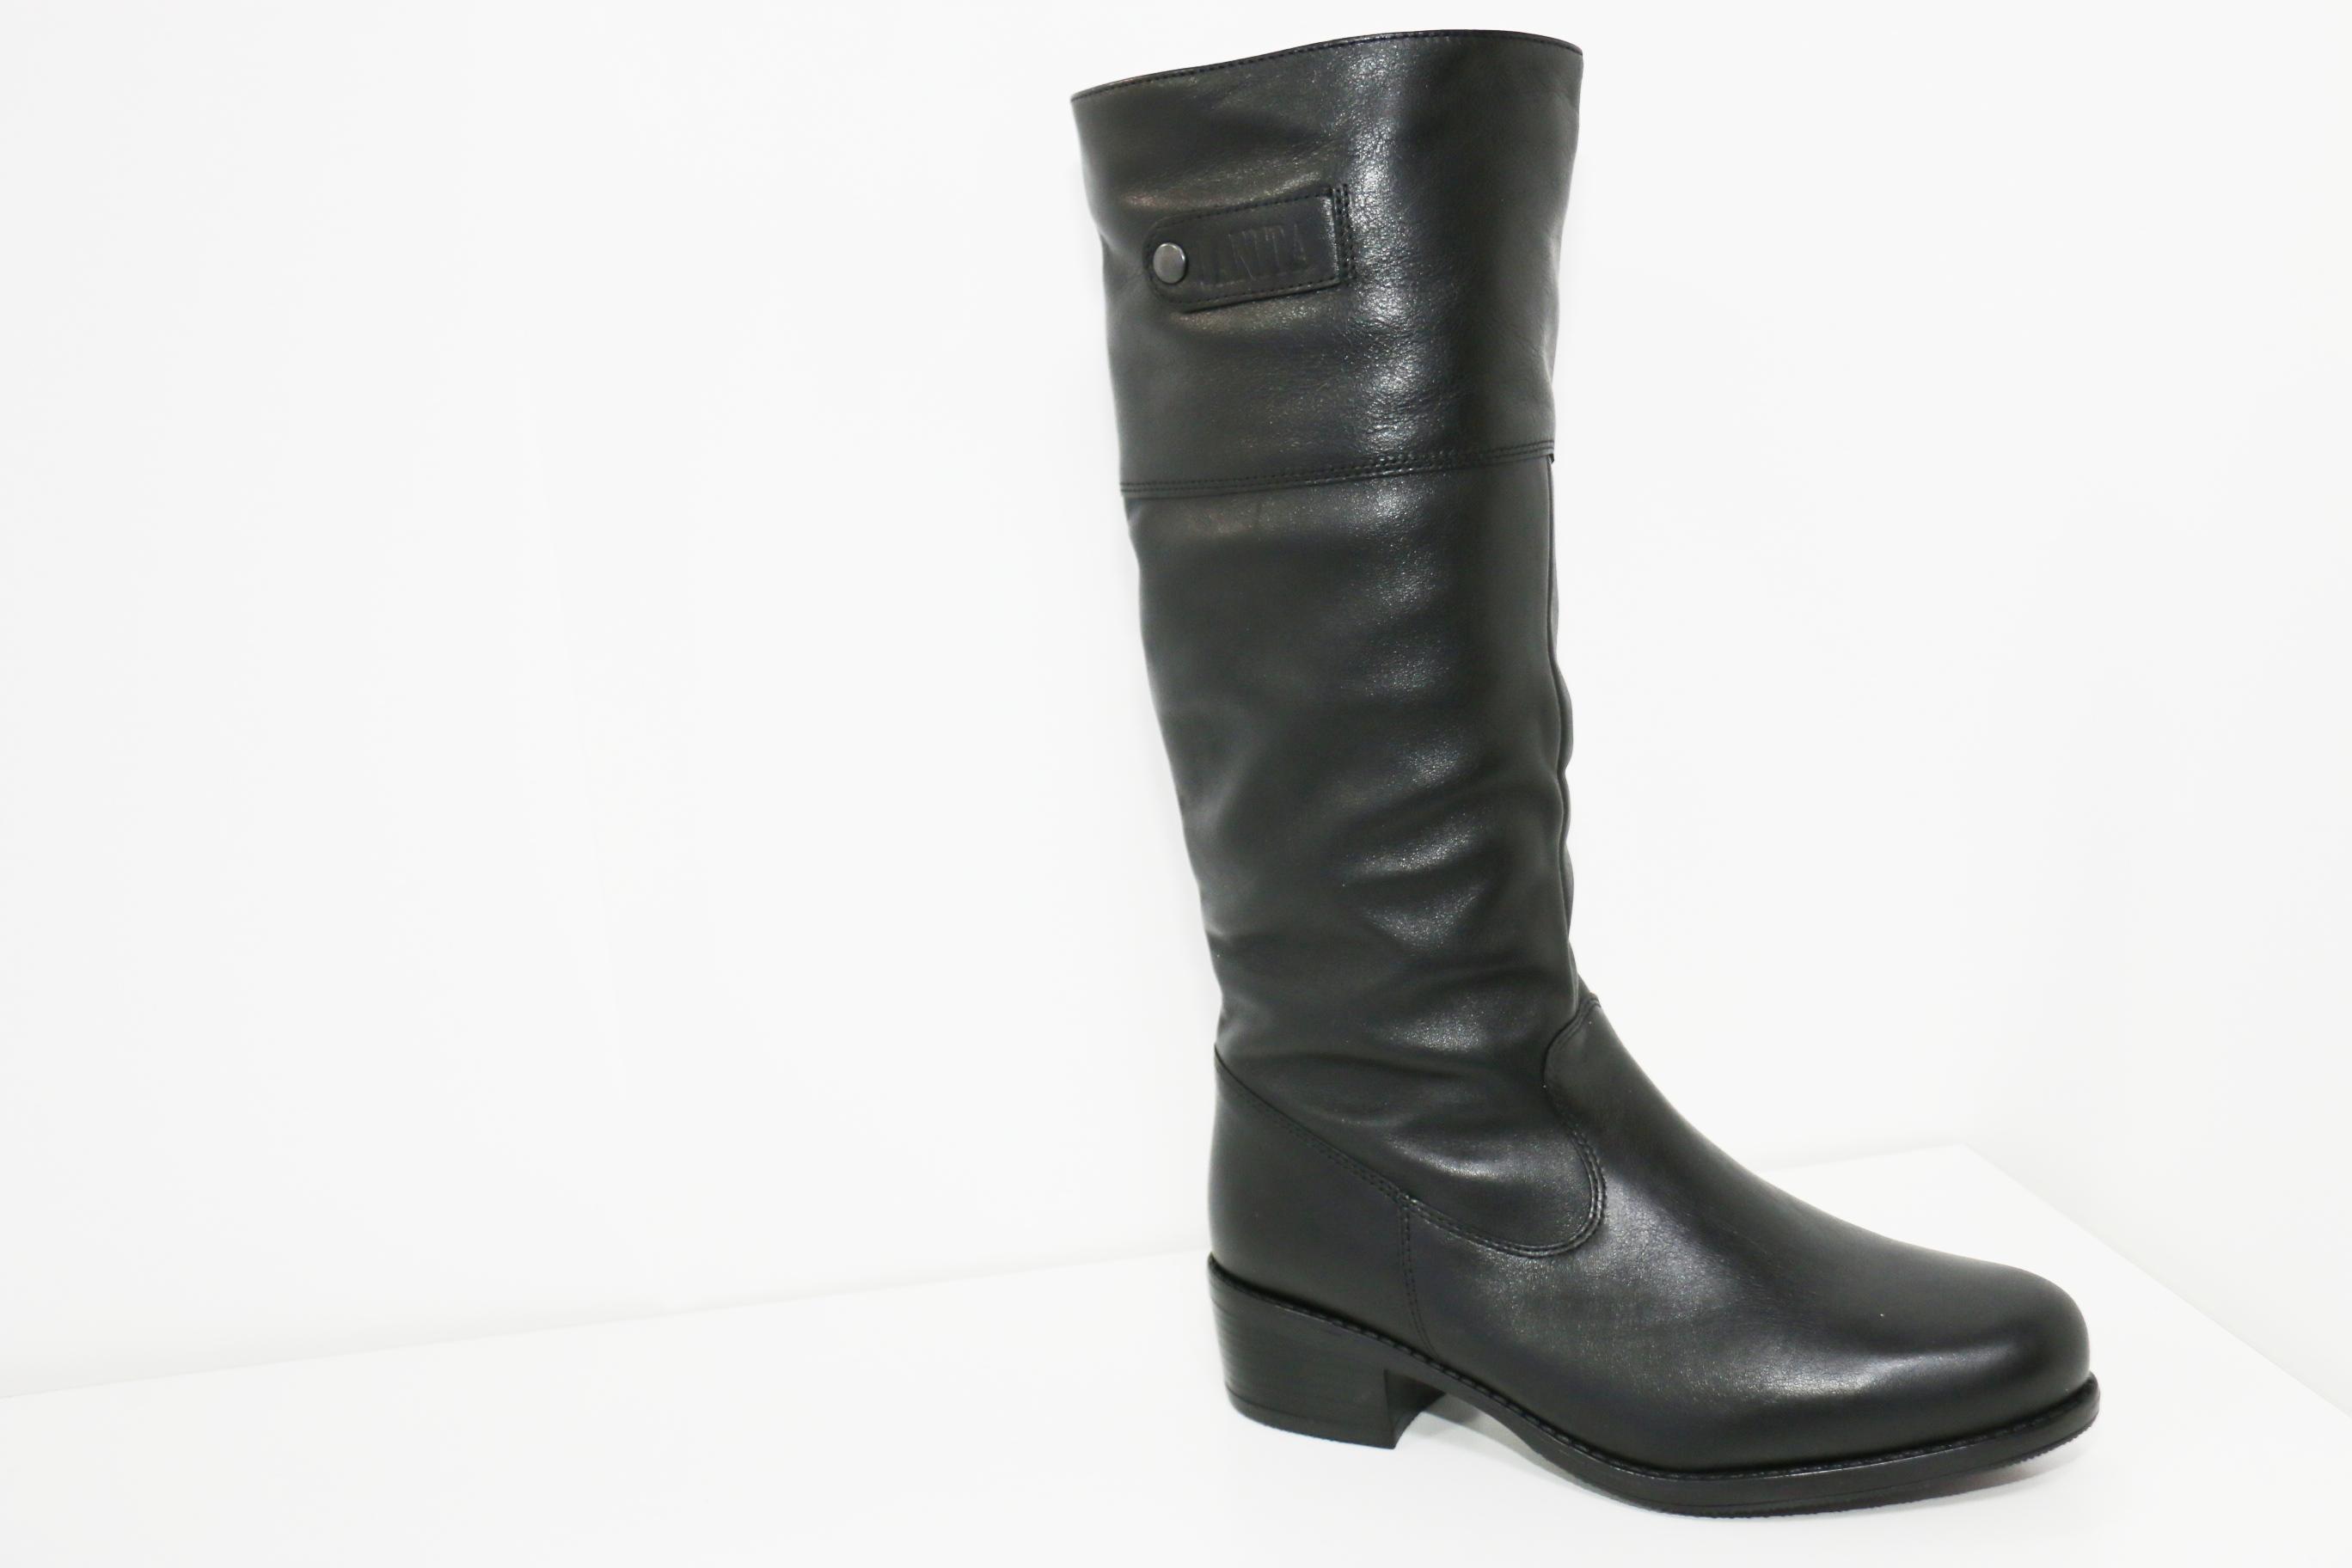 9cf52eb6b женские зимние сапоги Janita 41609-501-101 | Обувь из Германии ...